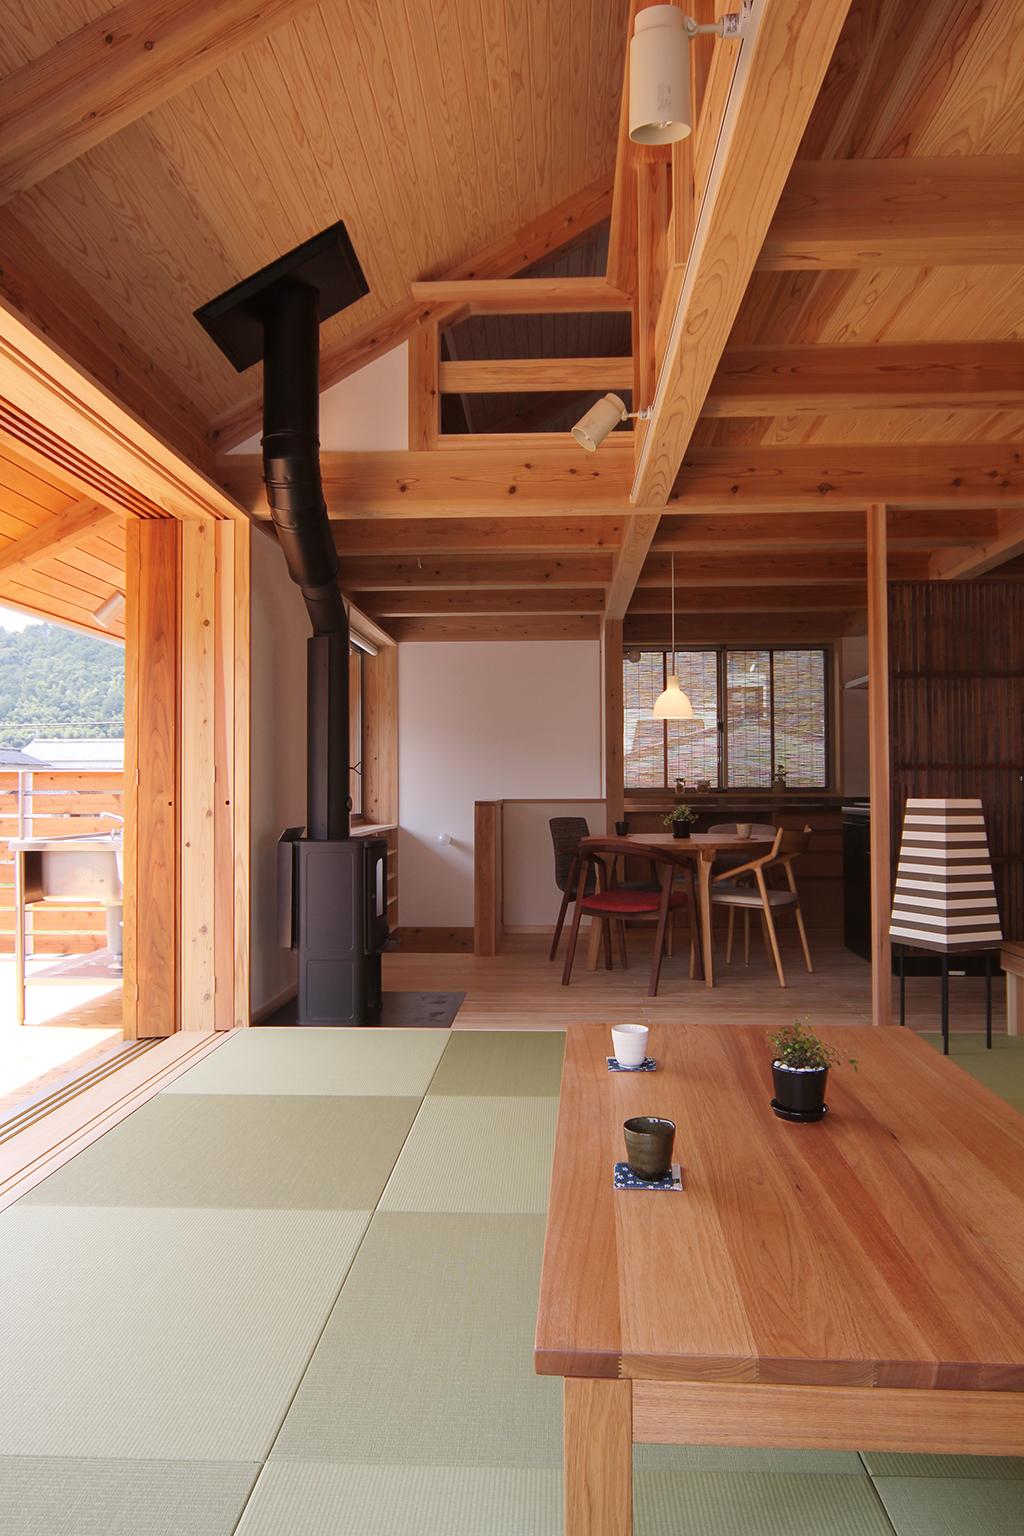 宍粟市の木の家 座のリビングからダイニングを見る